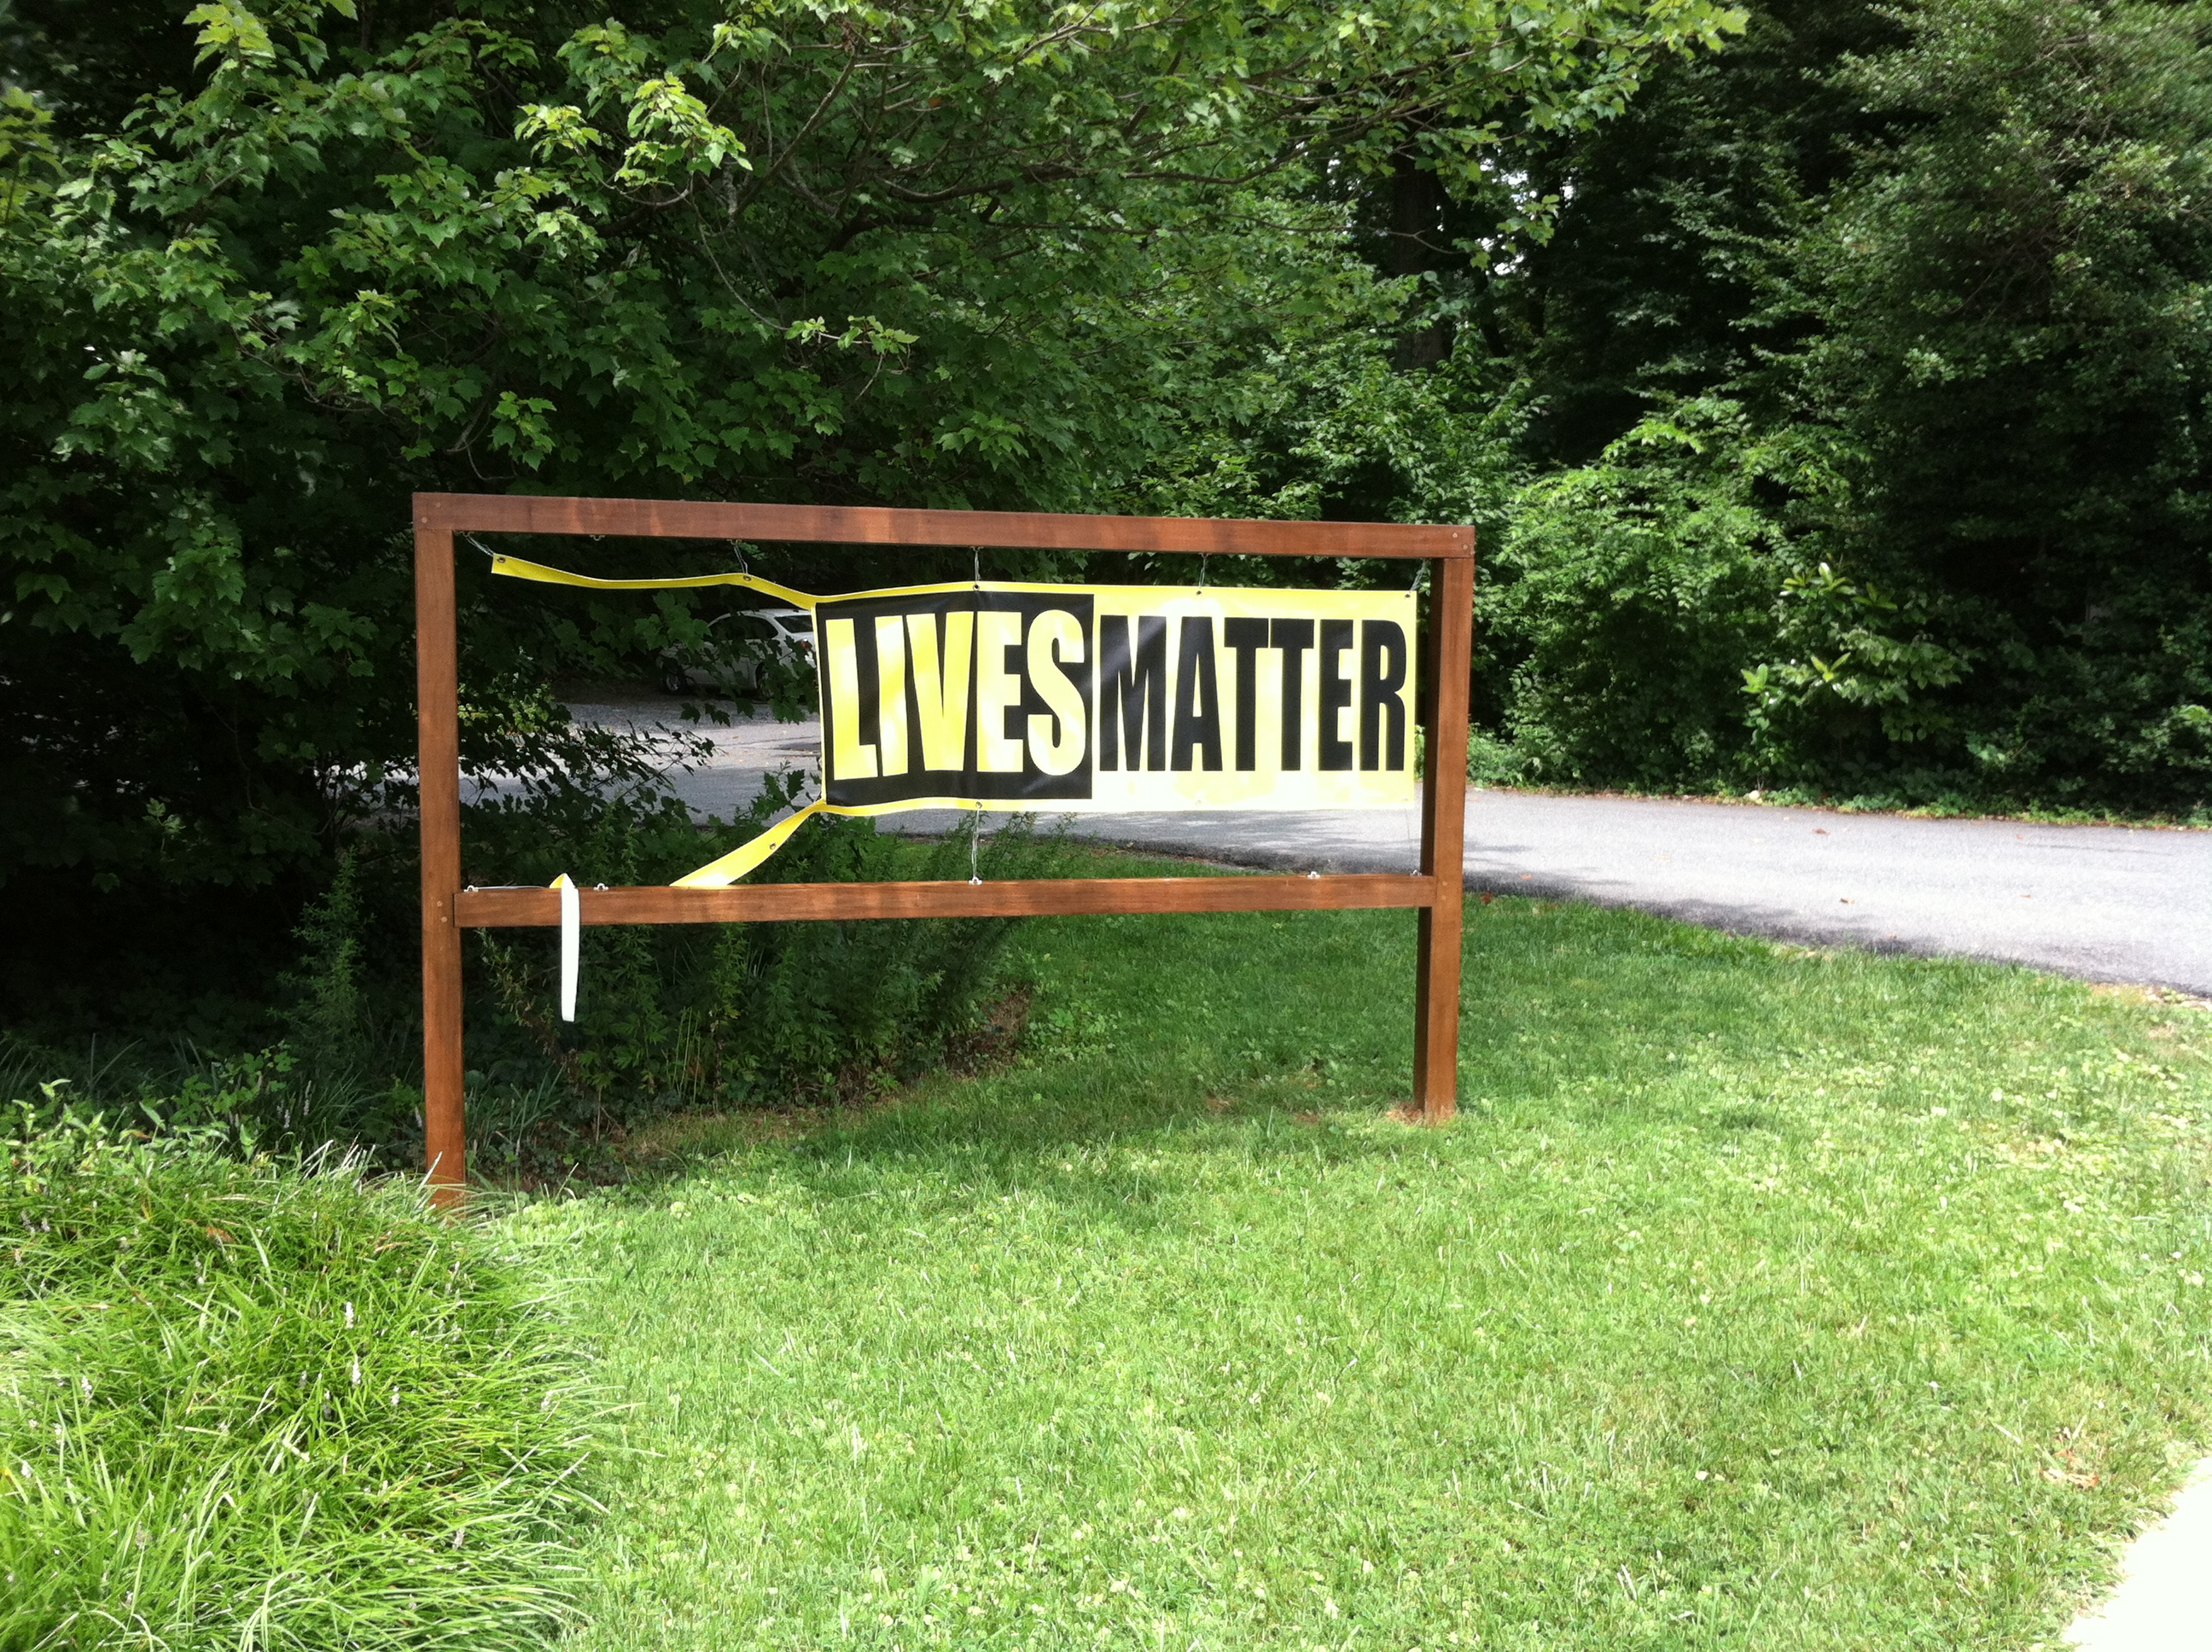 Md. congregation's 'black lives matter' sign vandalized